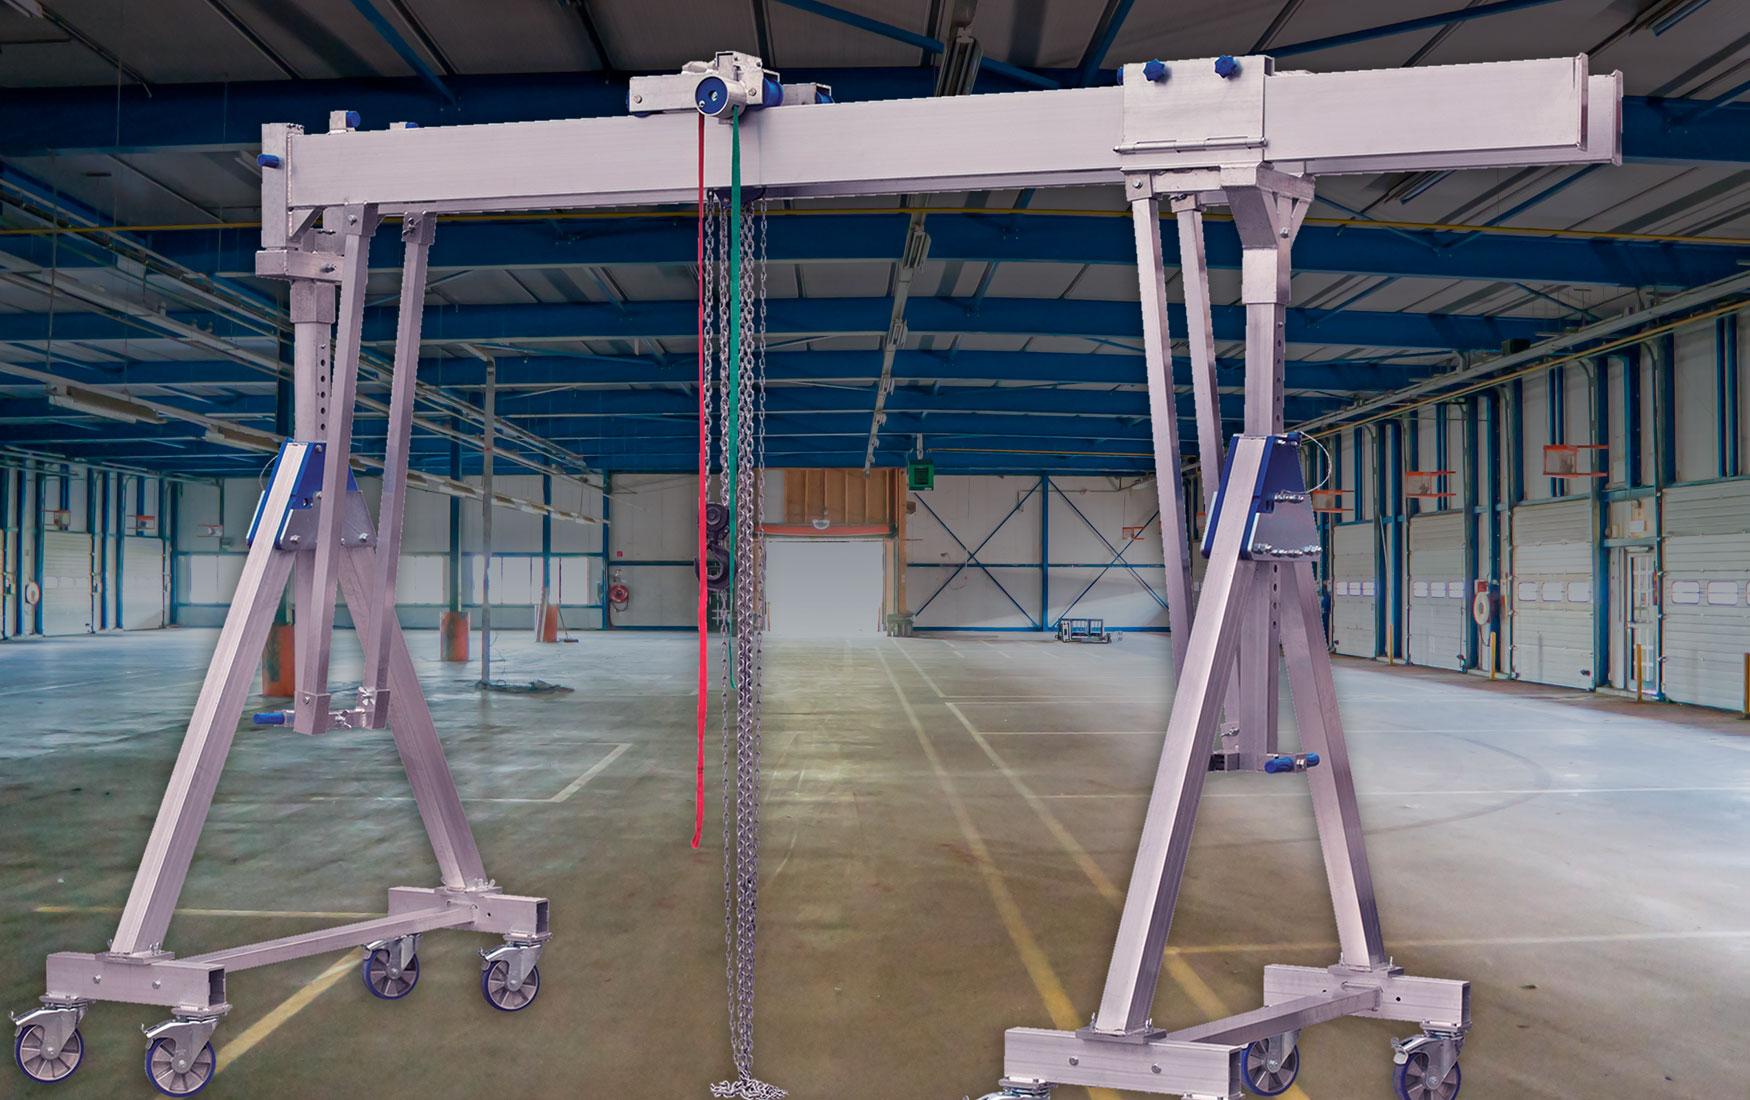 teollisuus-metalliteollisuus-teollisuuden-pukkinostin-pukkinostimet-satateras_2